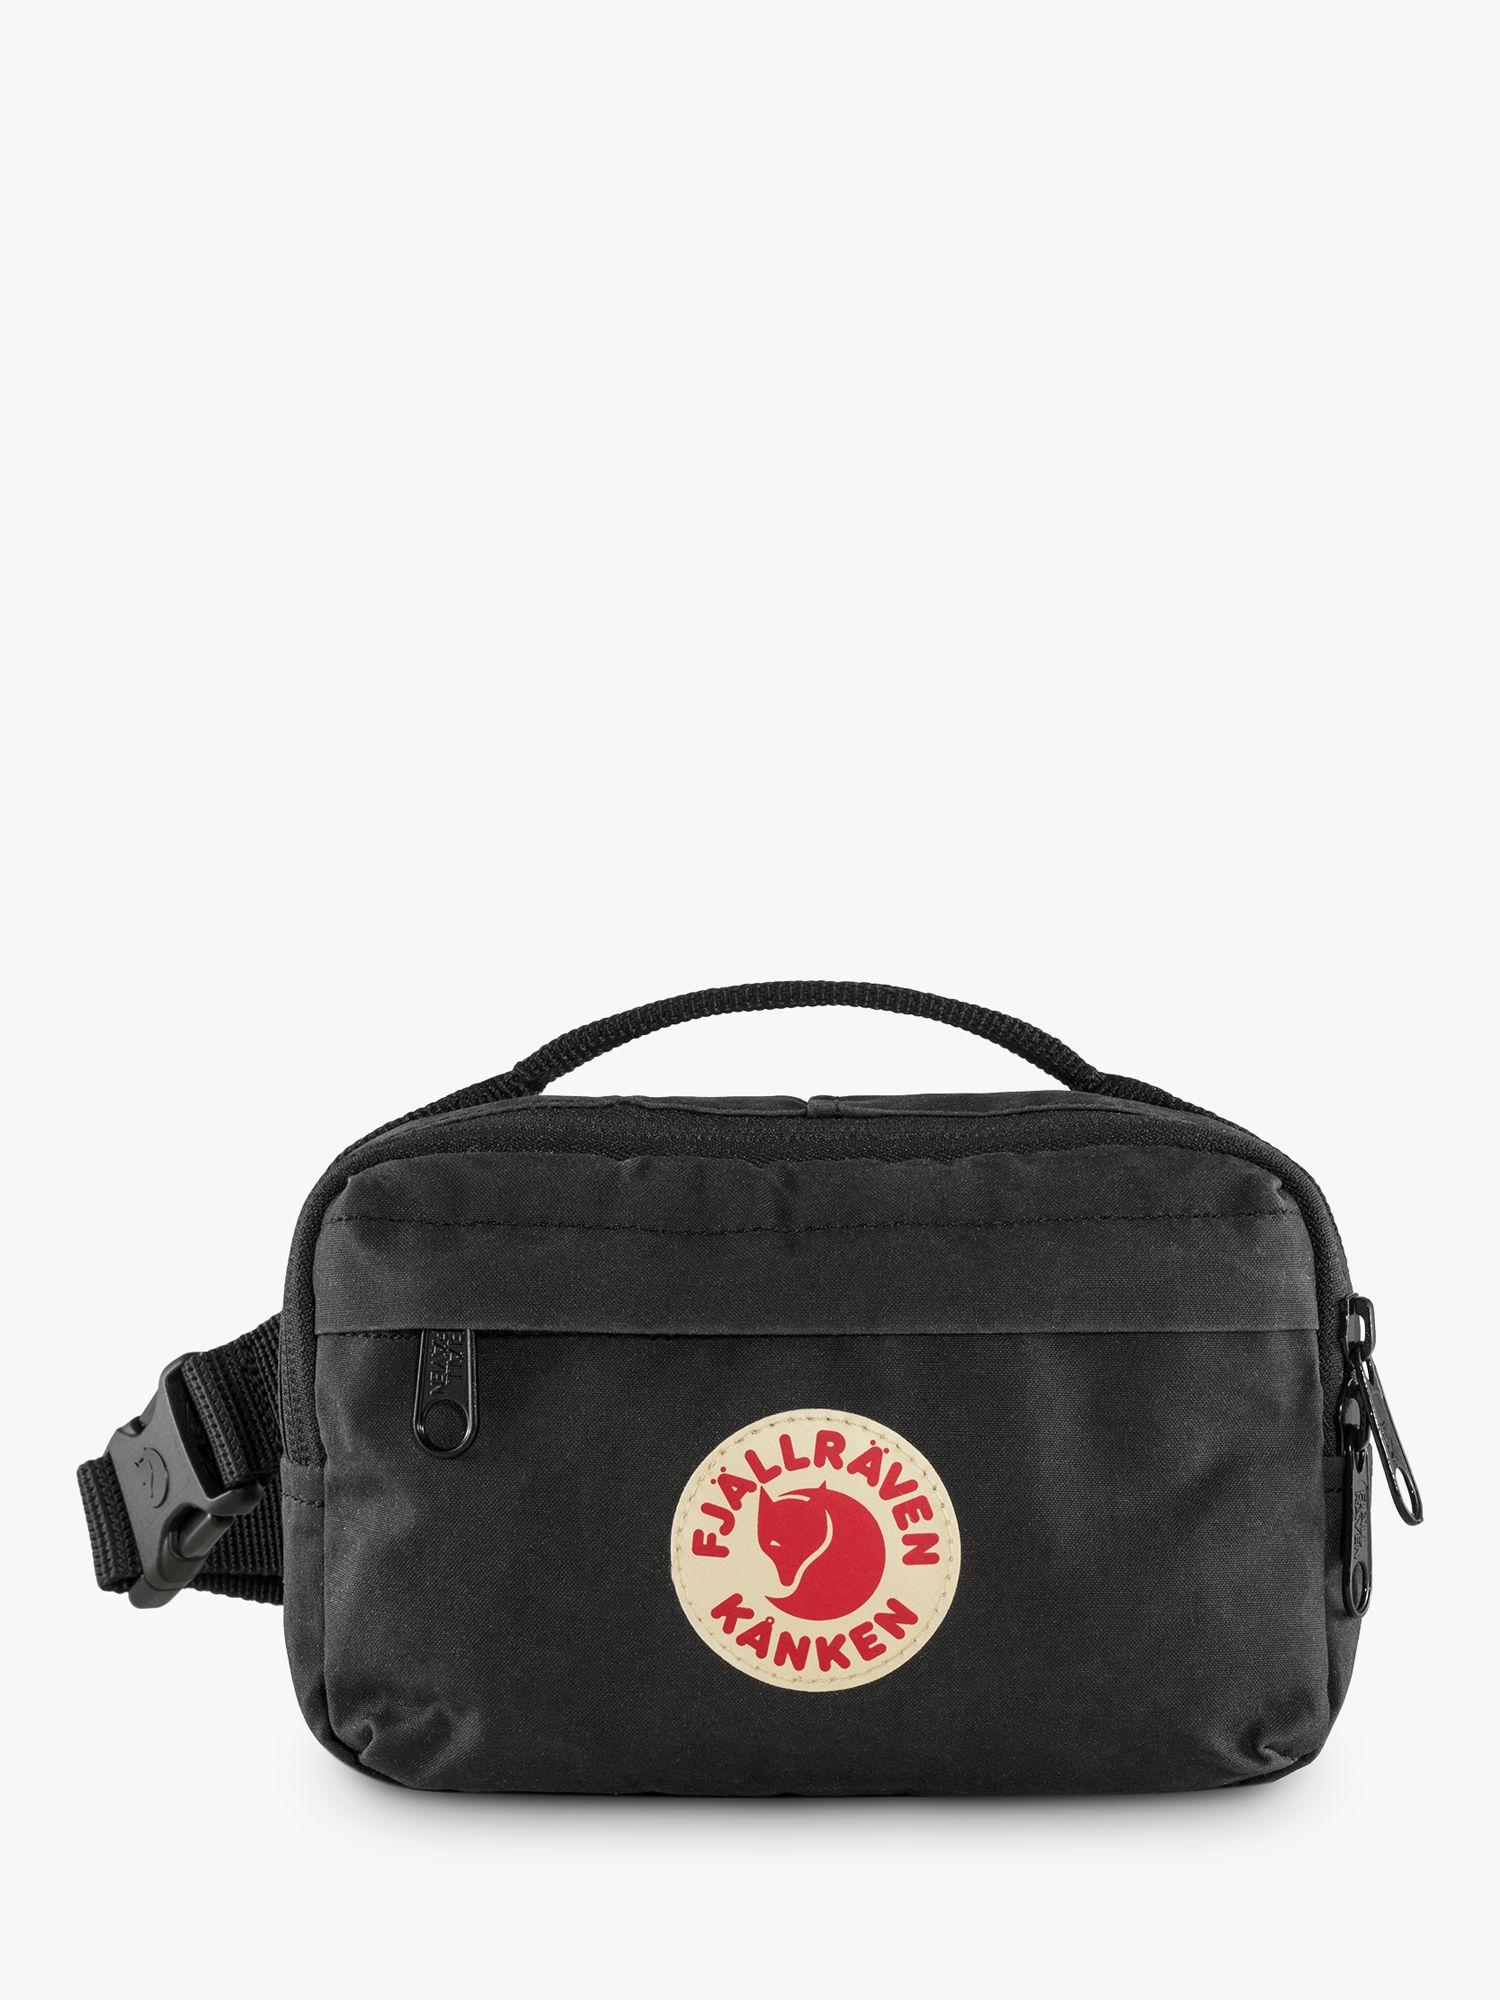 Fjallraven Fjällräven Kånken Bum Bag, Black